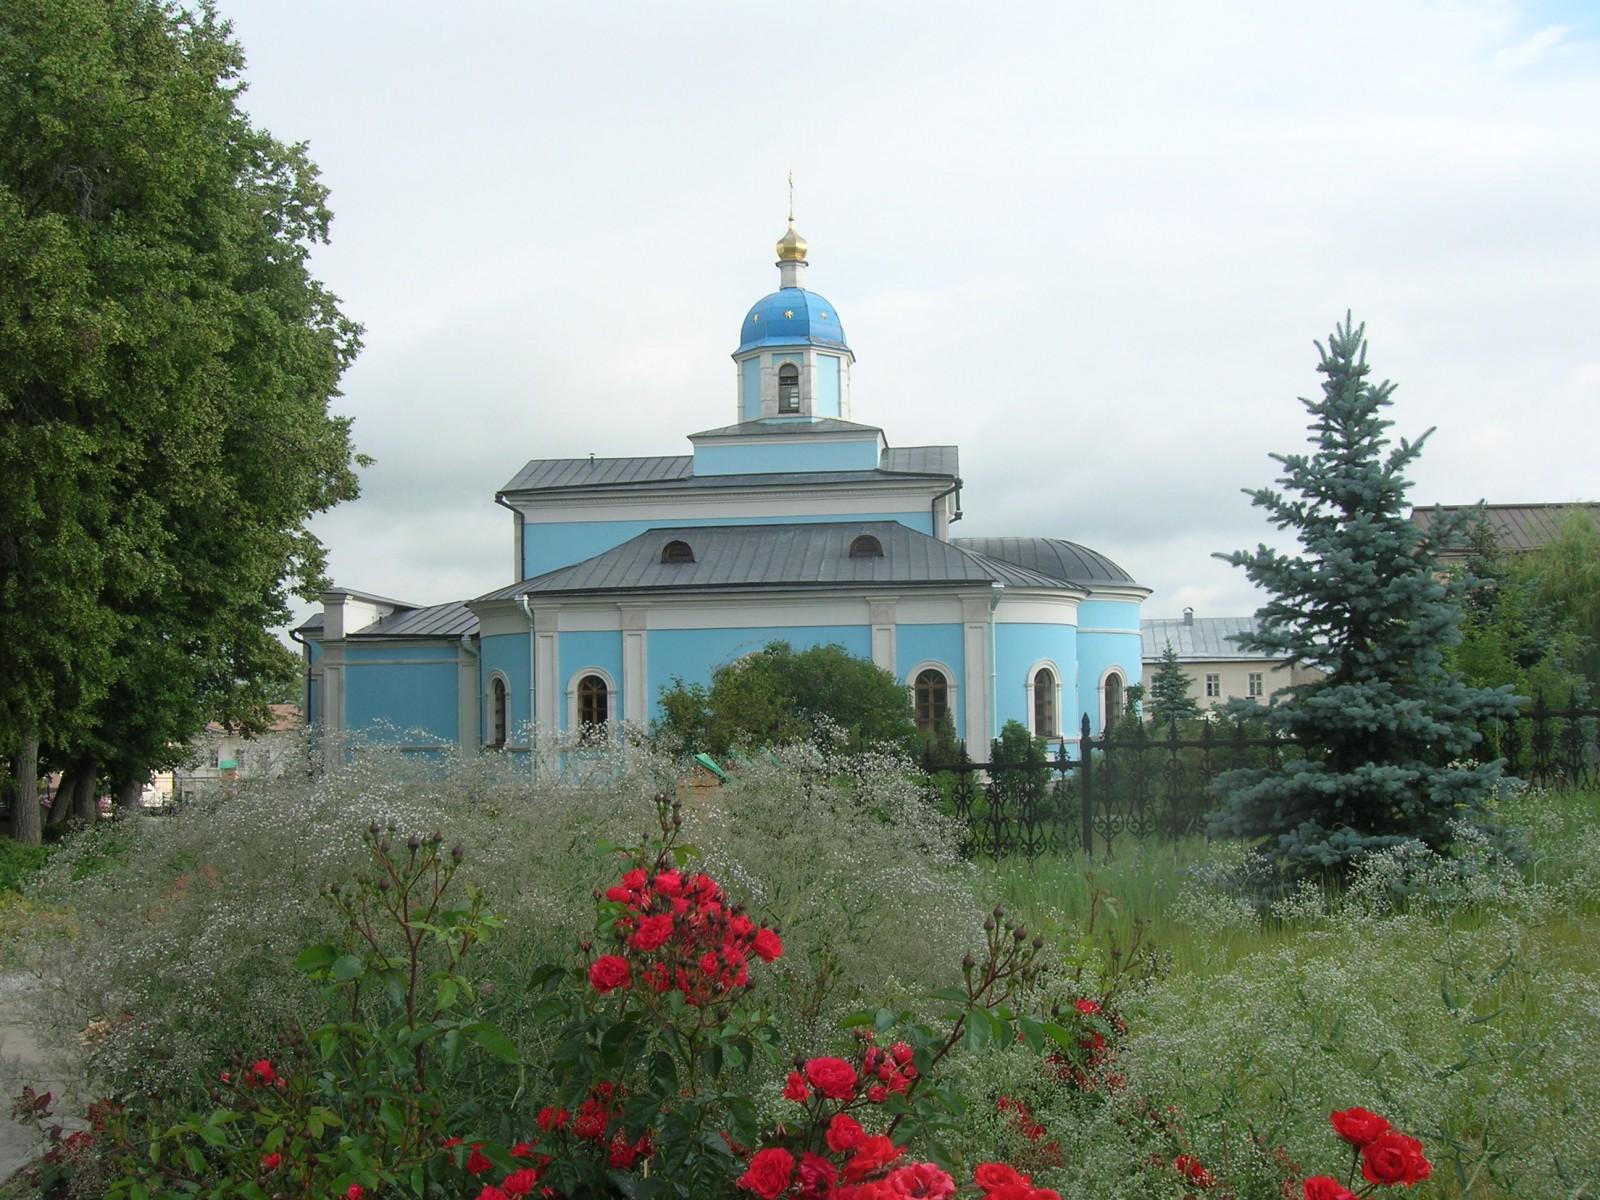 Оптина Пустынь, Храм в честь Владимирской иконы Божией Матери